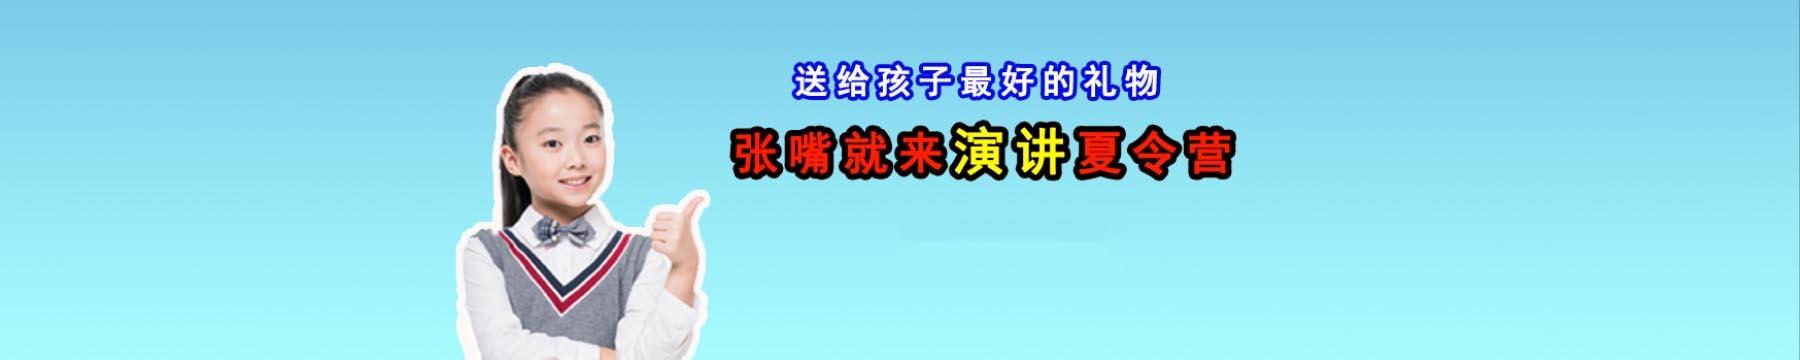 杭州张嘴就来演讲力训练